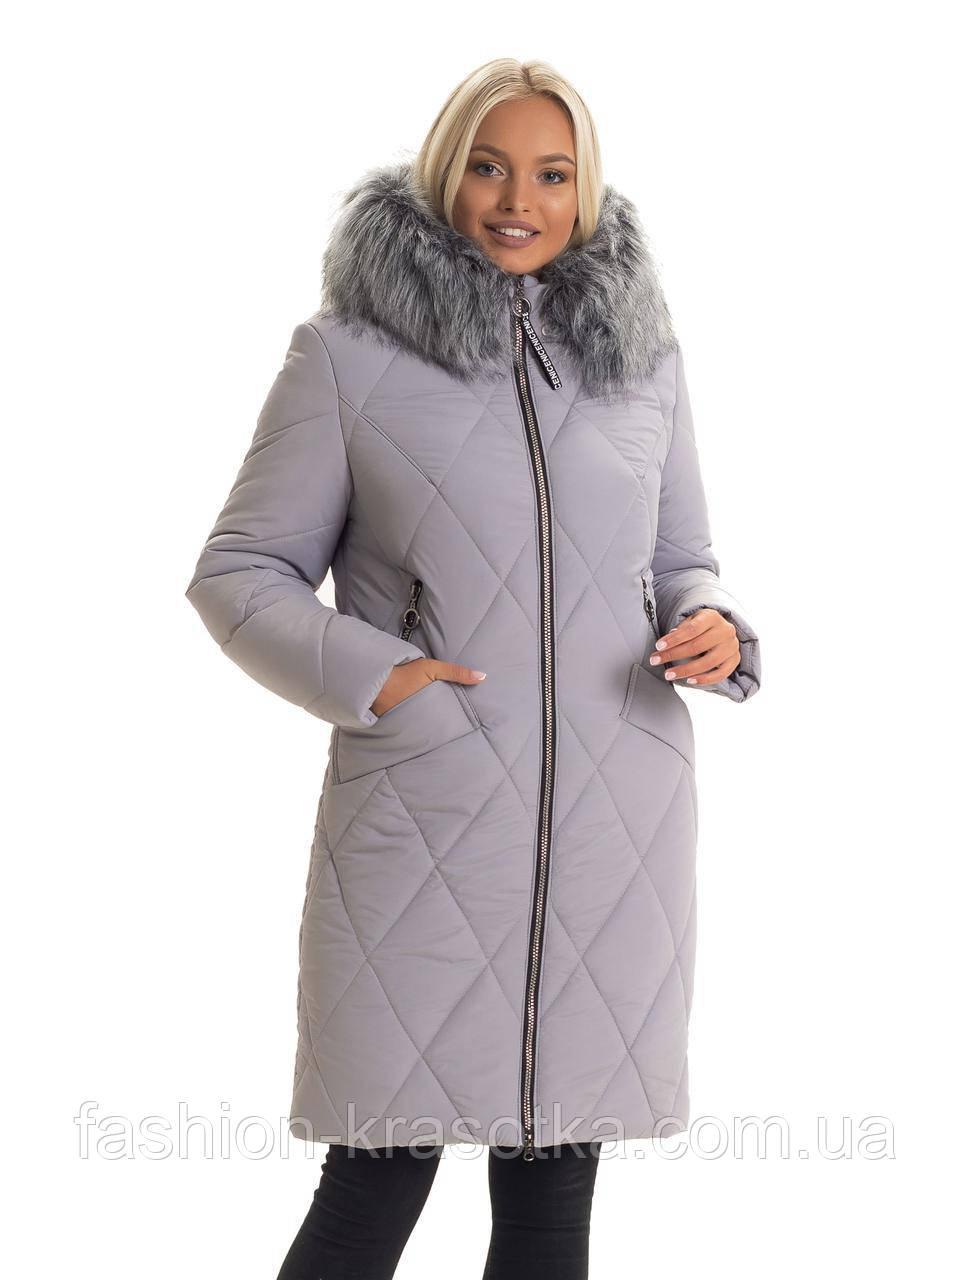 Зимняя женская удлиненная куртка,мех искусственный,размеры:44-56.